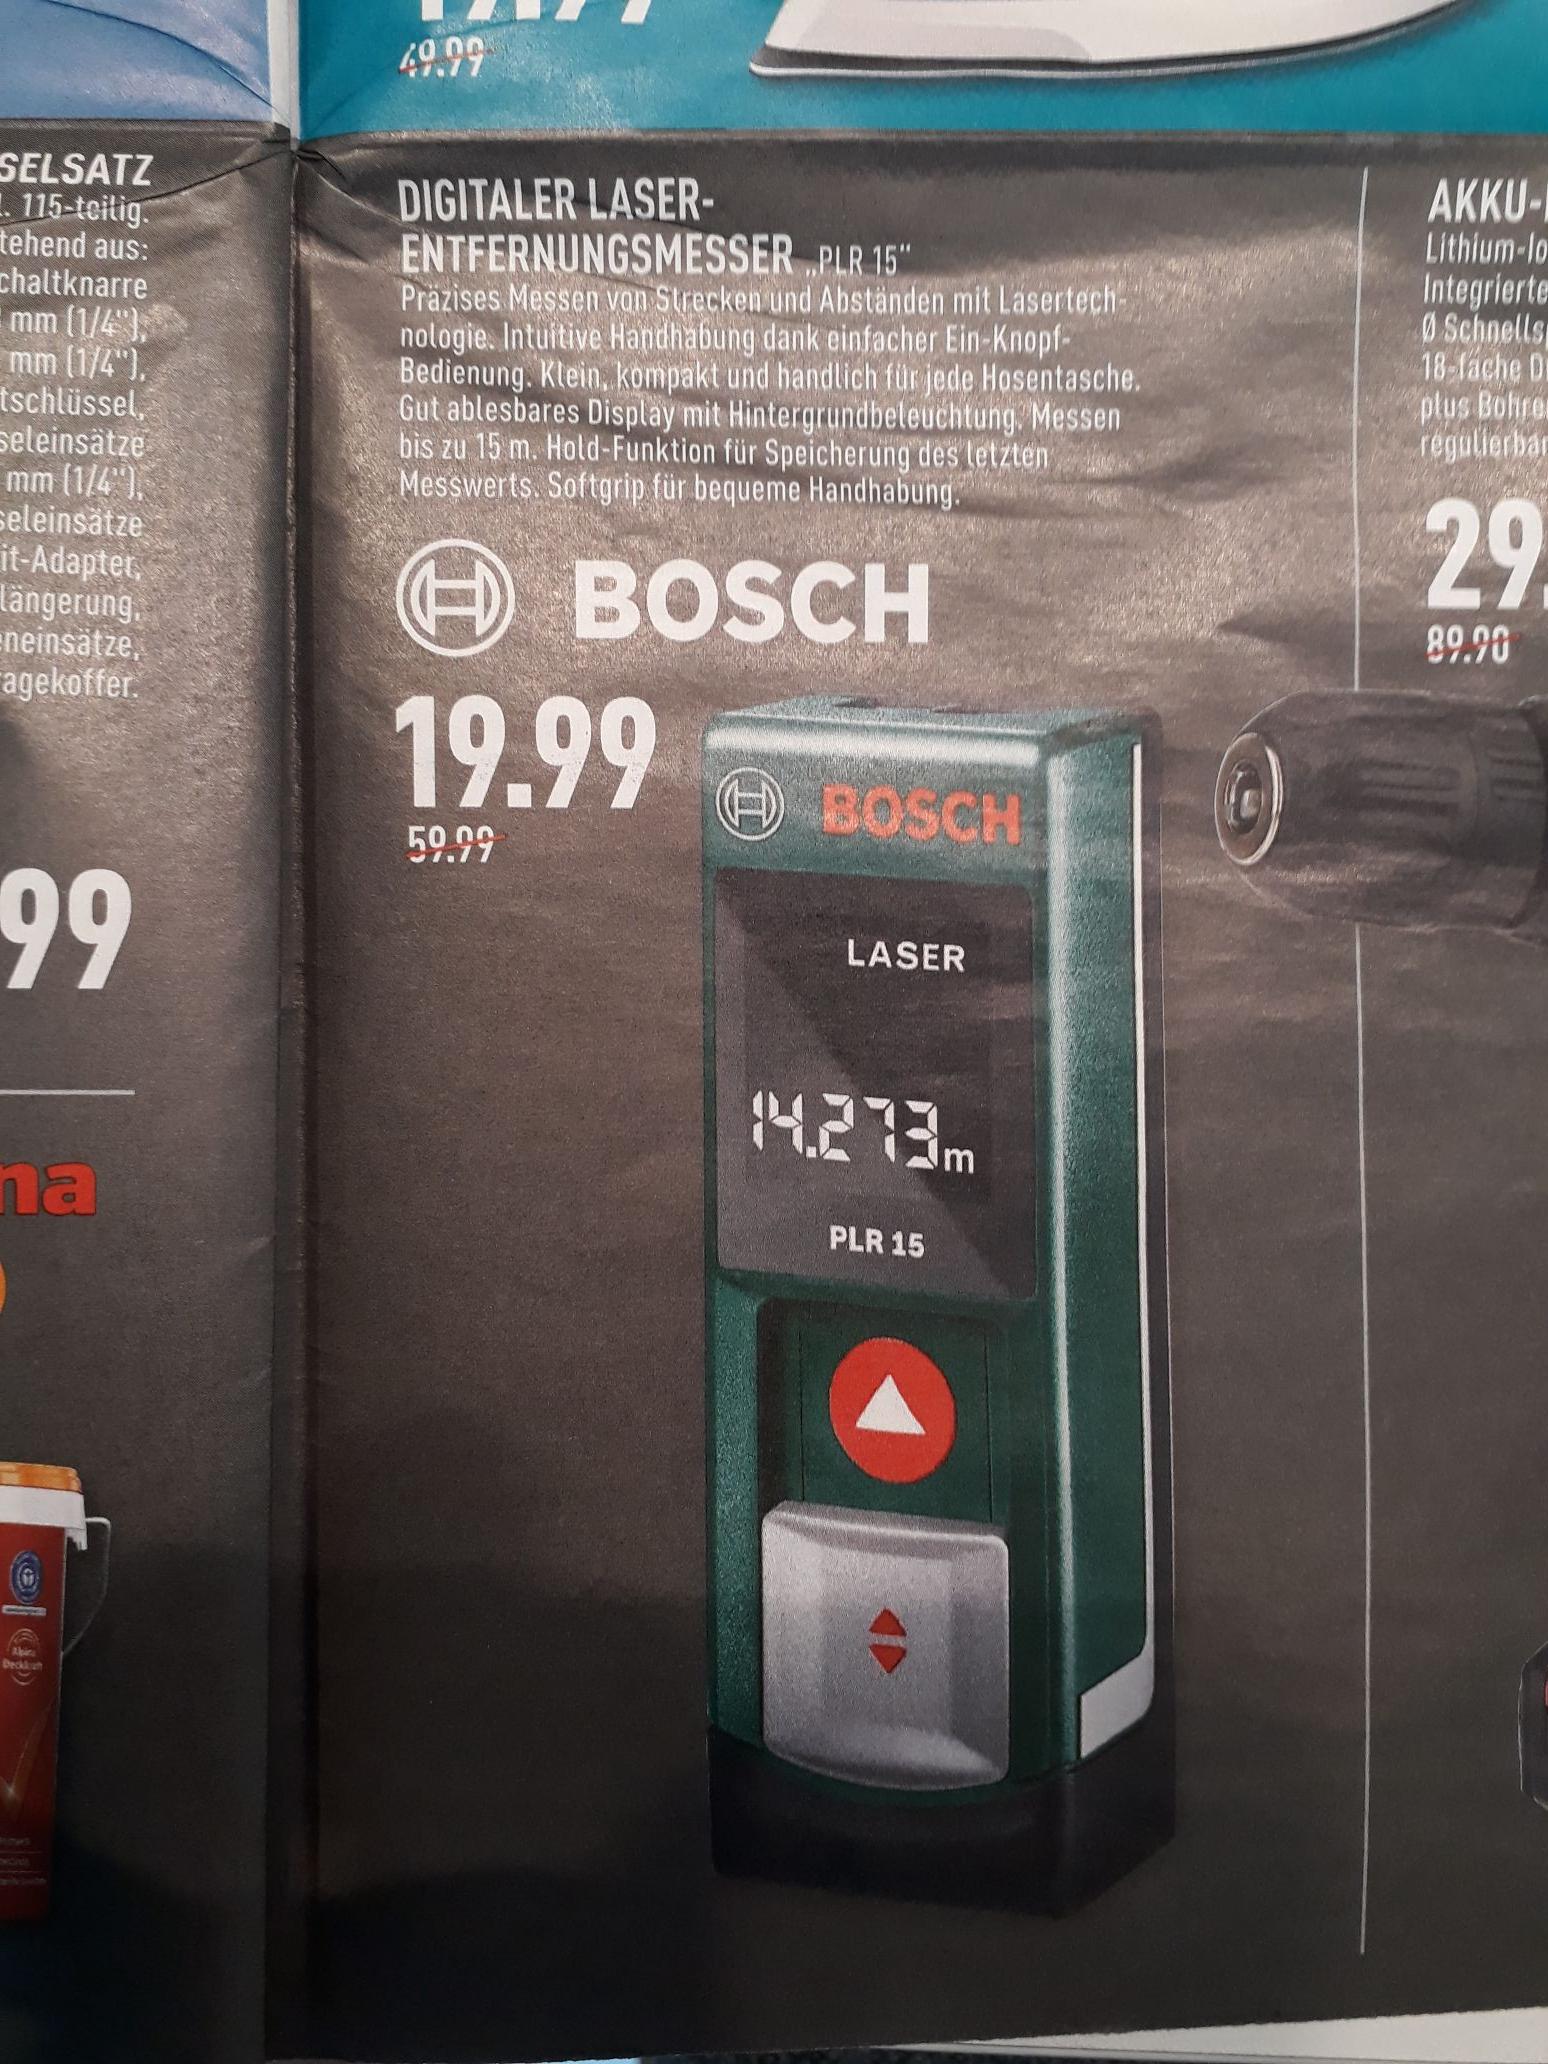 [Marktkauf] Bosch PLR 15 Laser-Entfernungsmesser